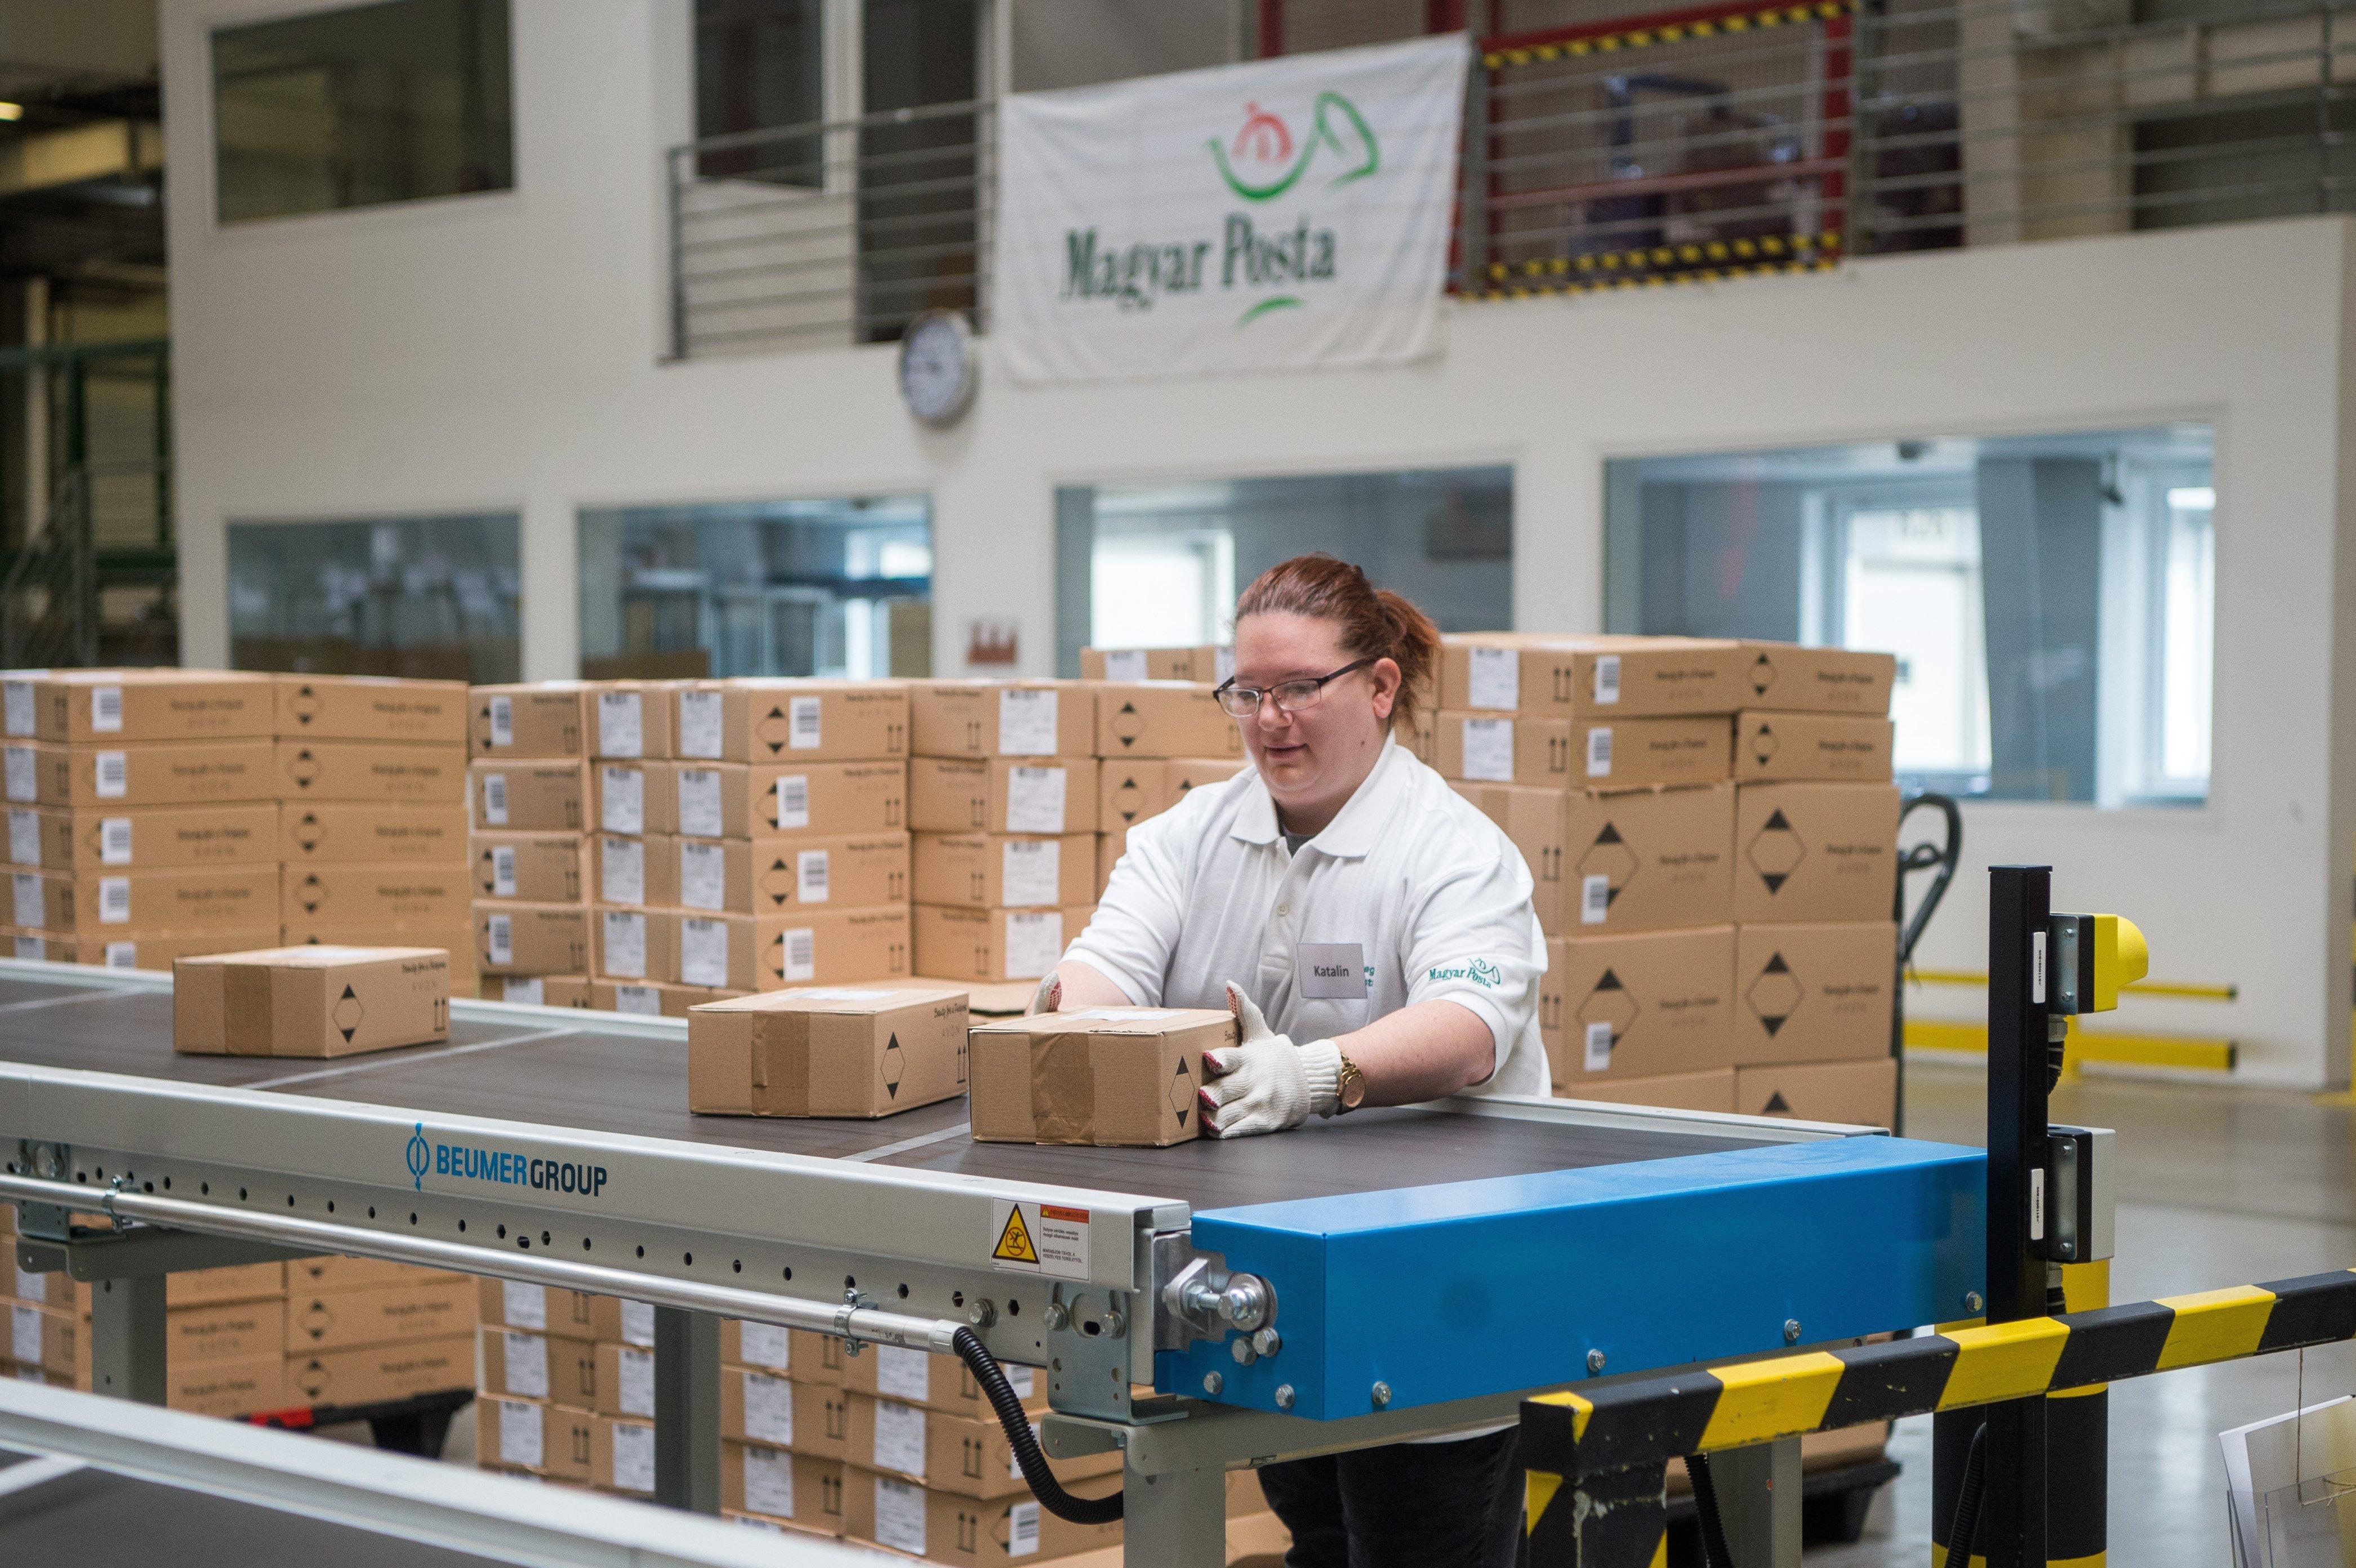 A Magyar Posta szóvivője szerint akkor kapjuk kézhez a leggyorsabban a csomagokat, ha az átvételi pontokra kérjük a küldeményeket